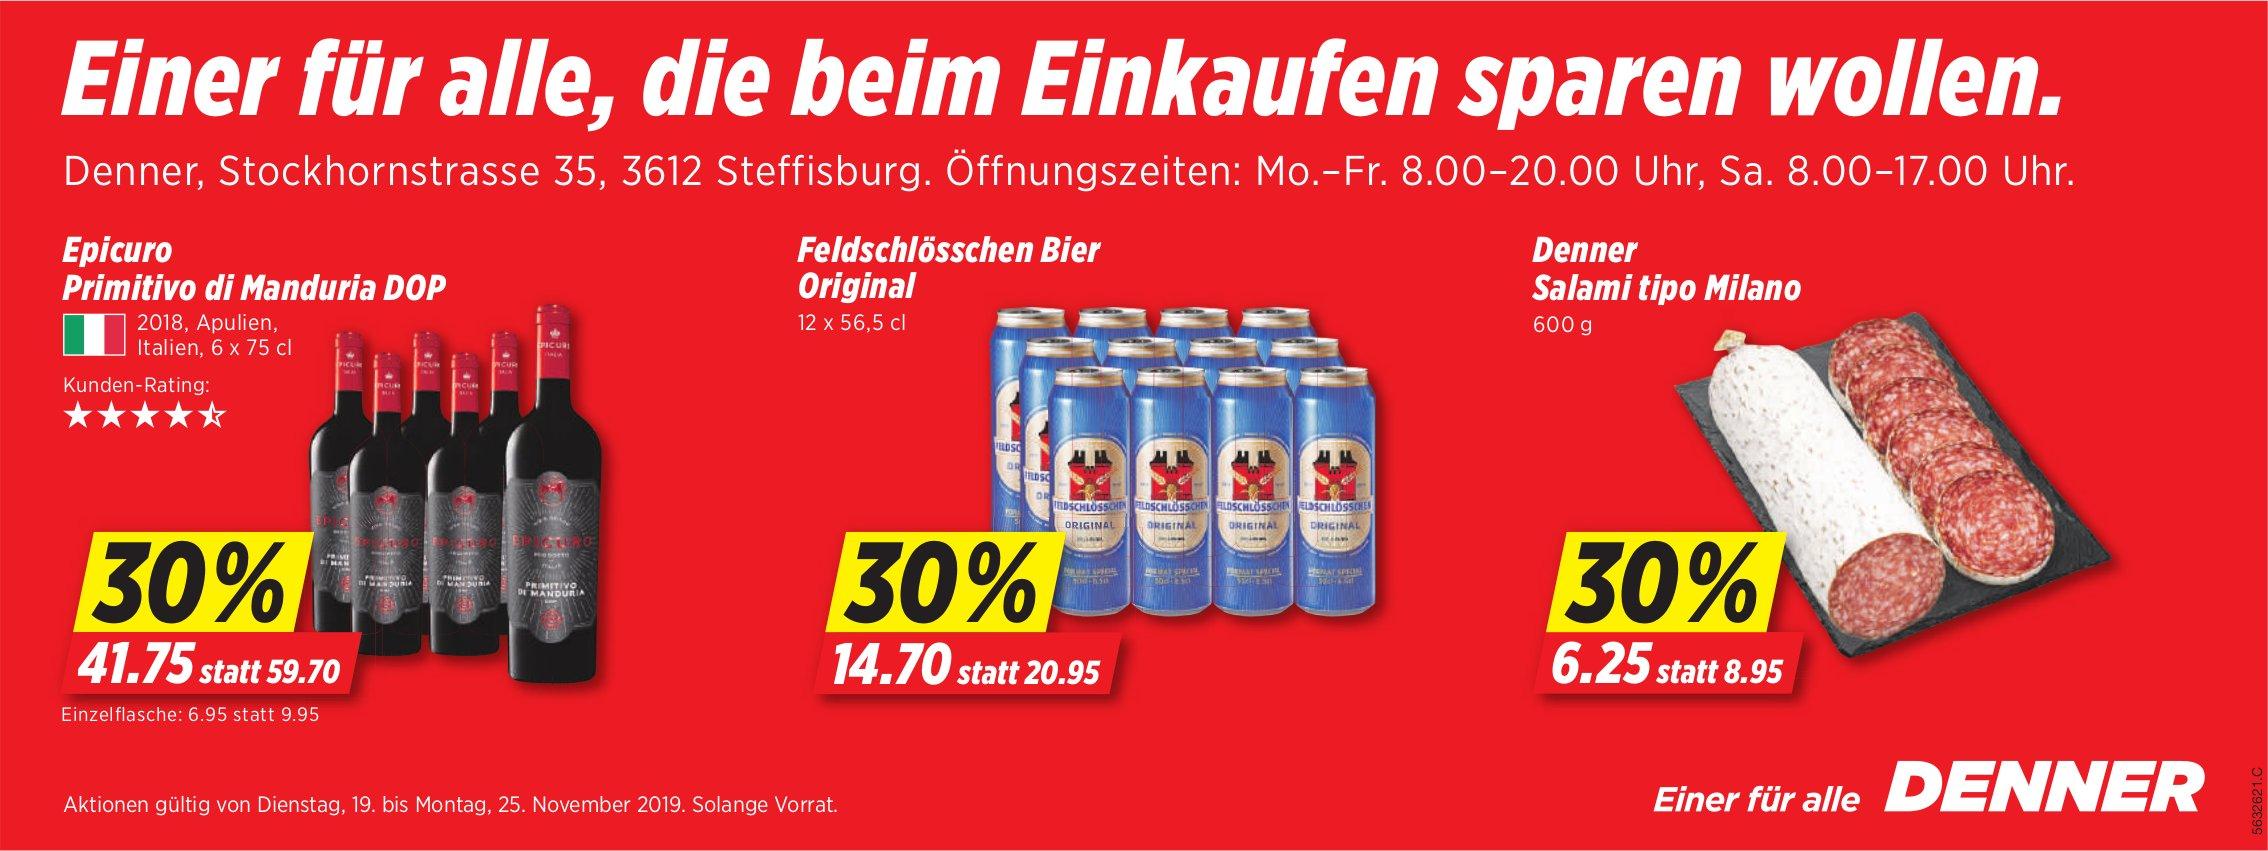 Denner, Steffisburg - Einer für alle, die beim Einkaufen sparen wollen.